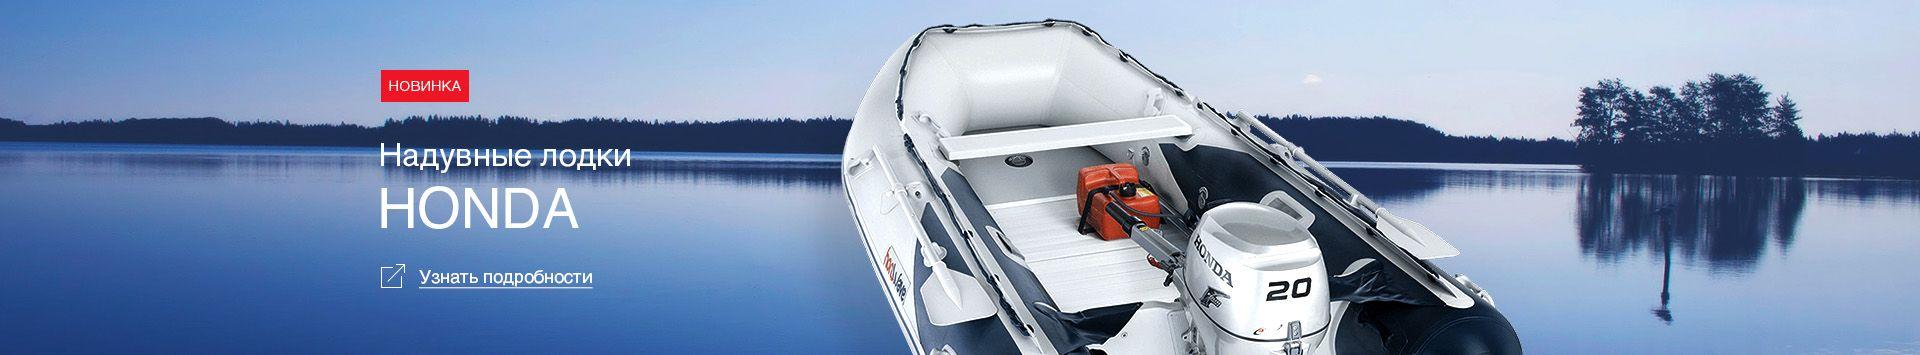 Надувные лодки HONDA